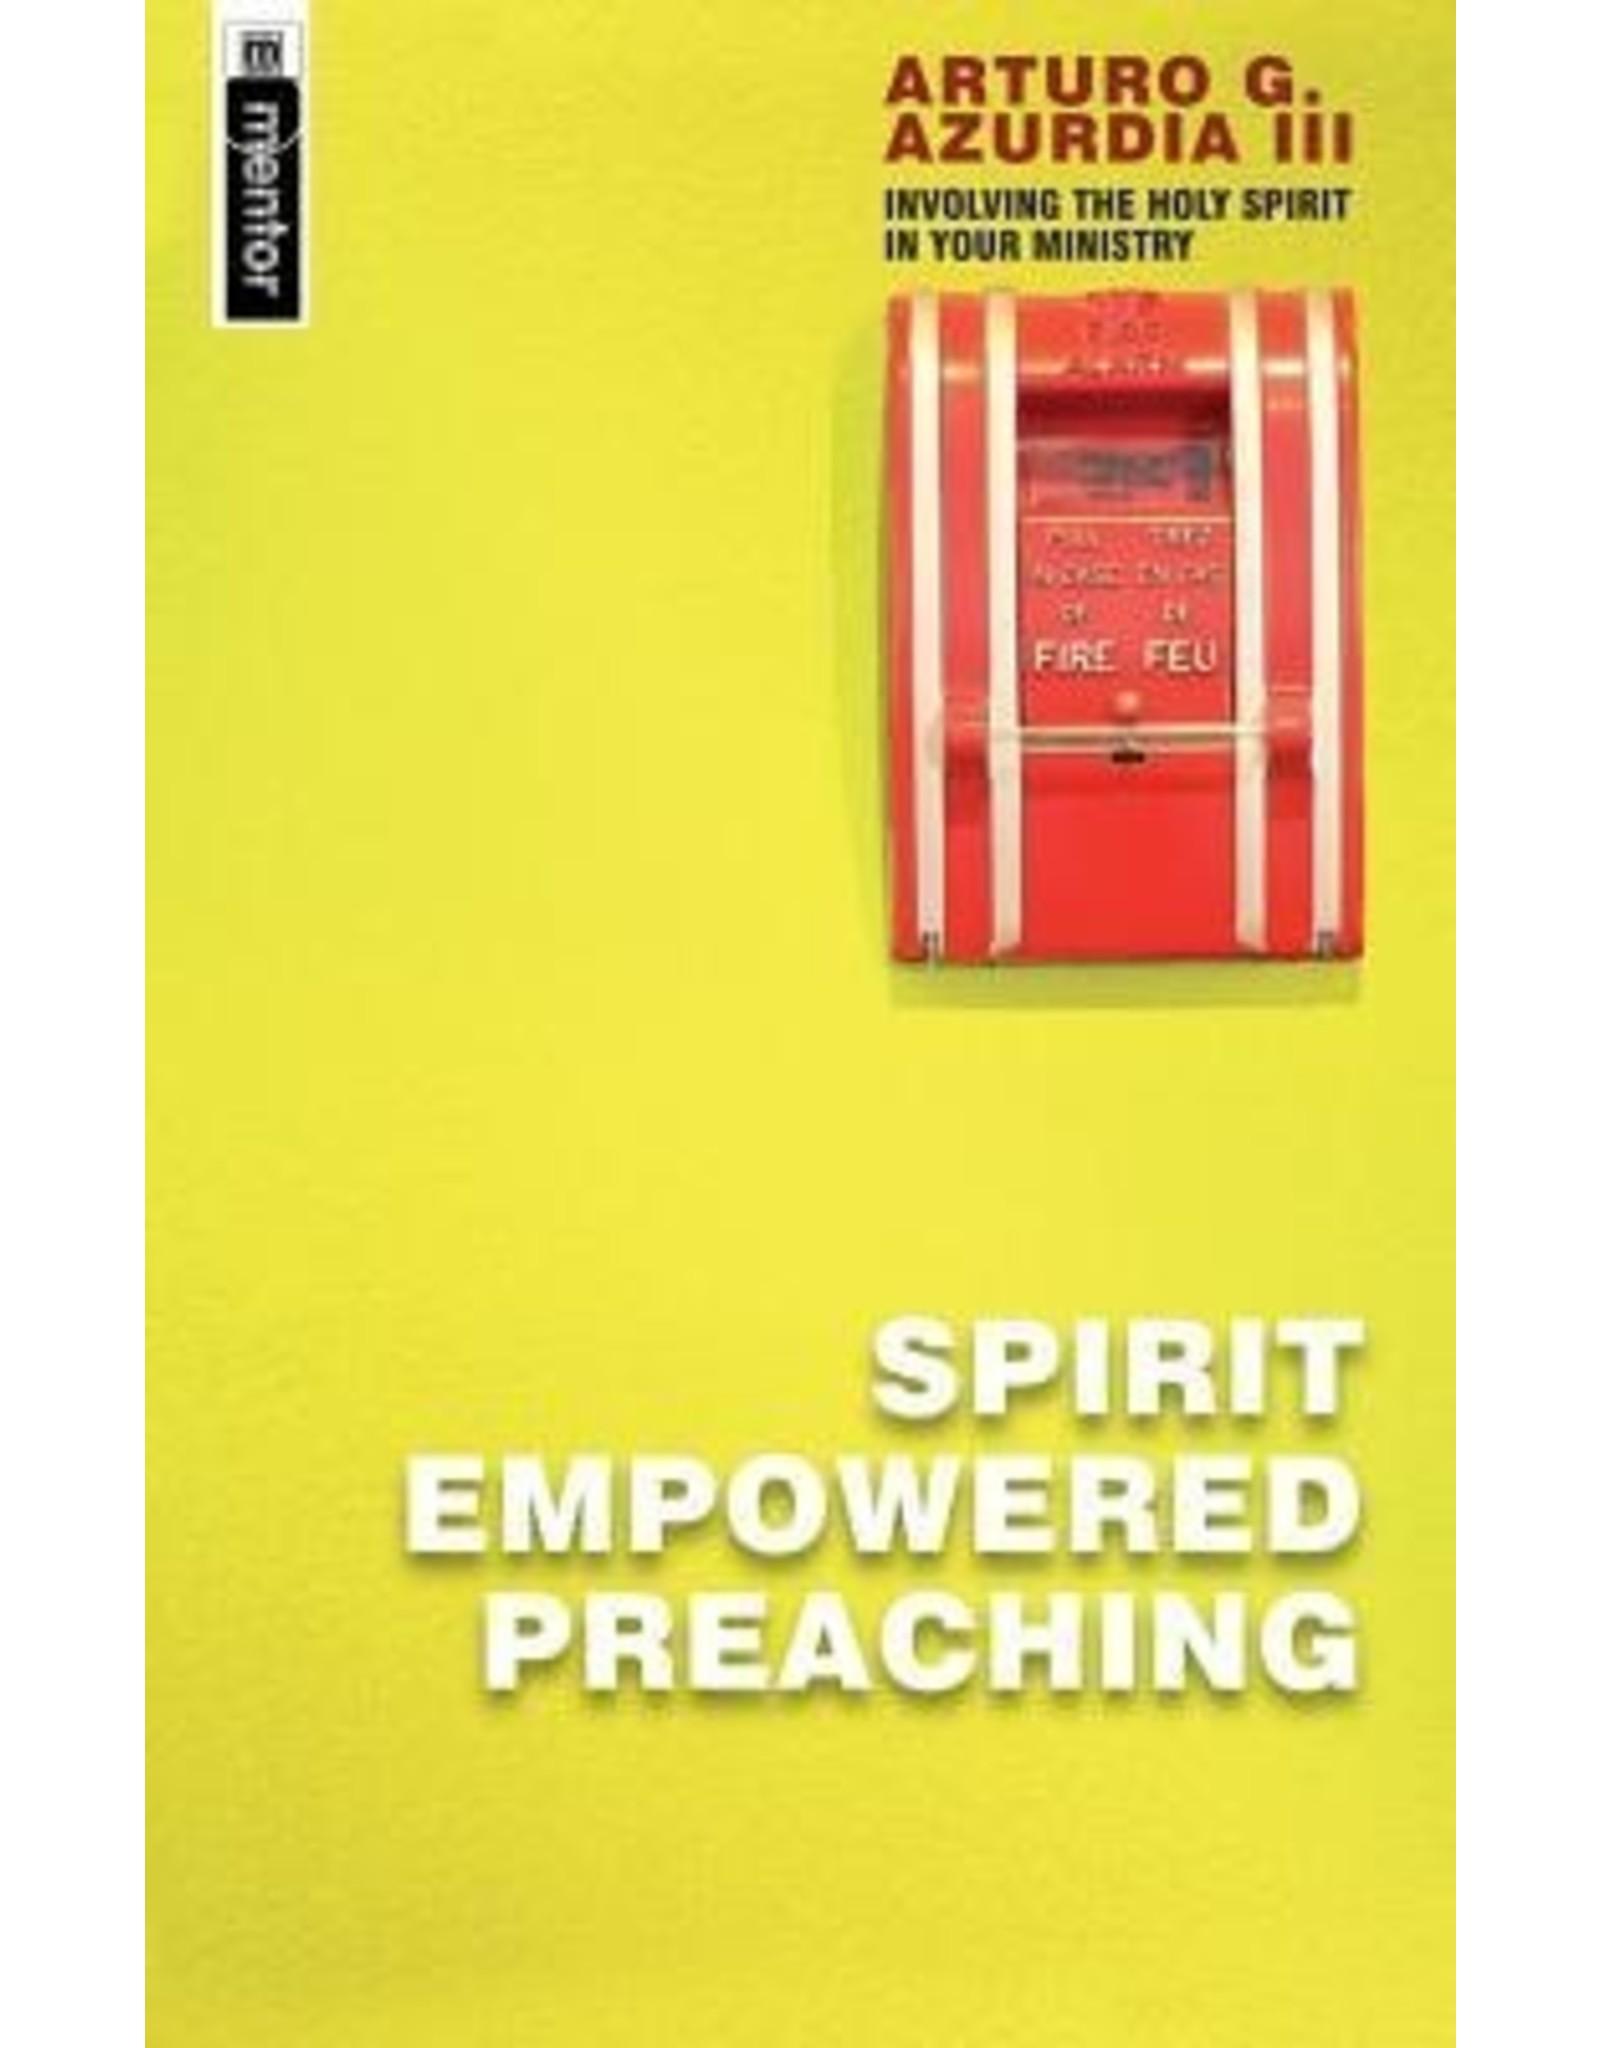 Azurdia Spirit Empowered Preaching